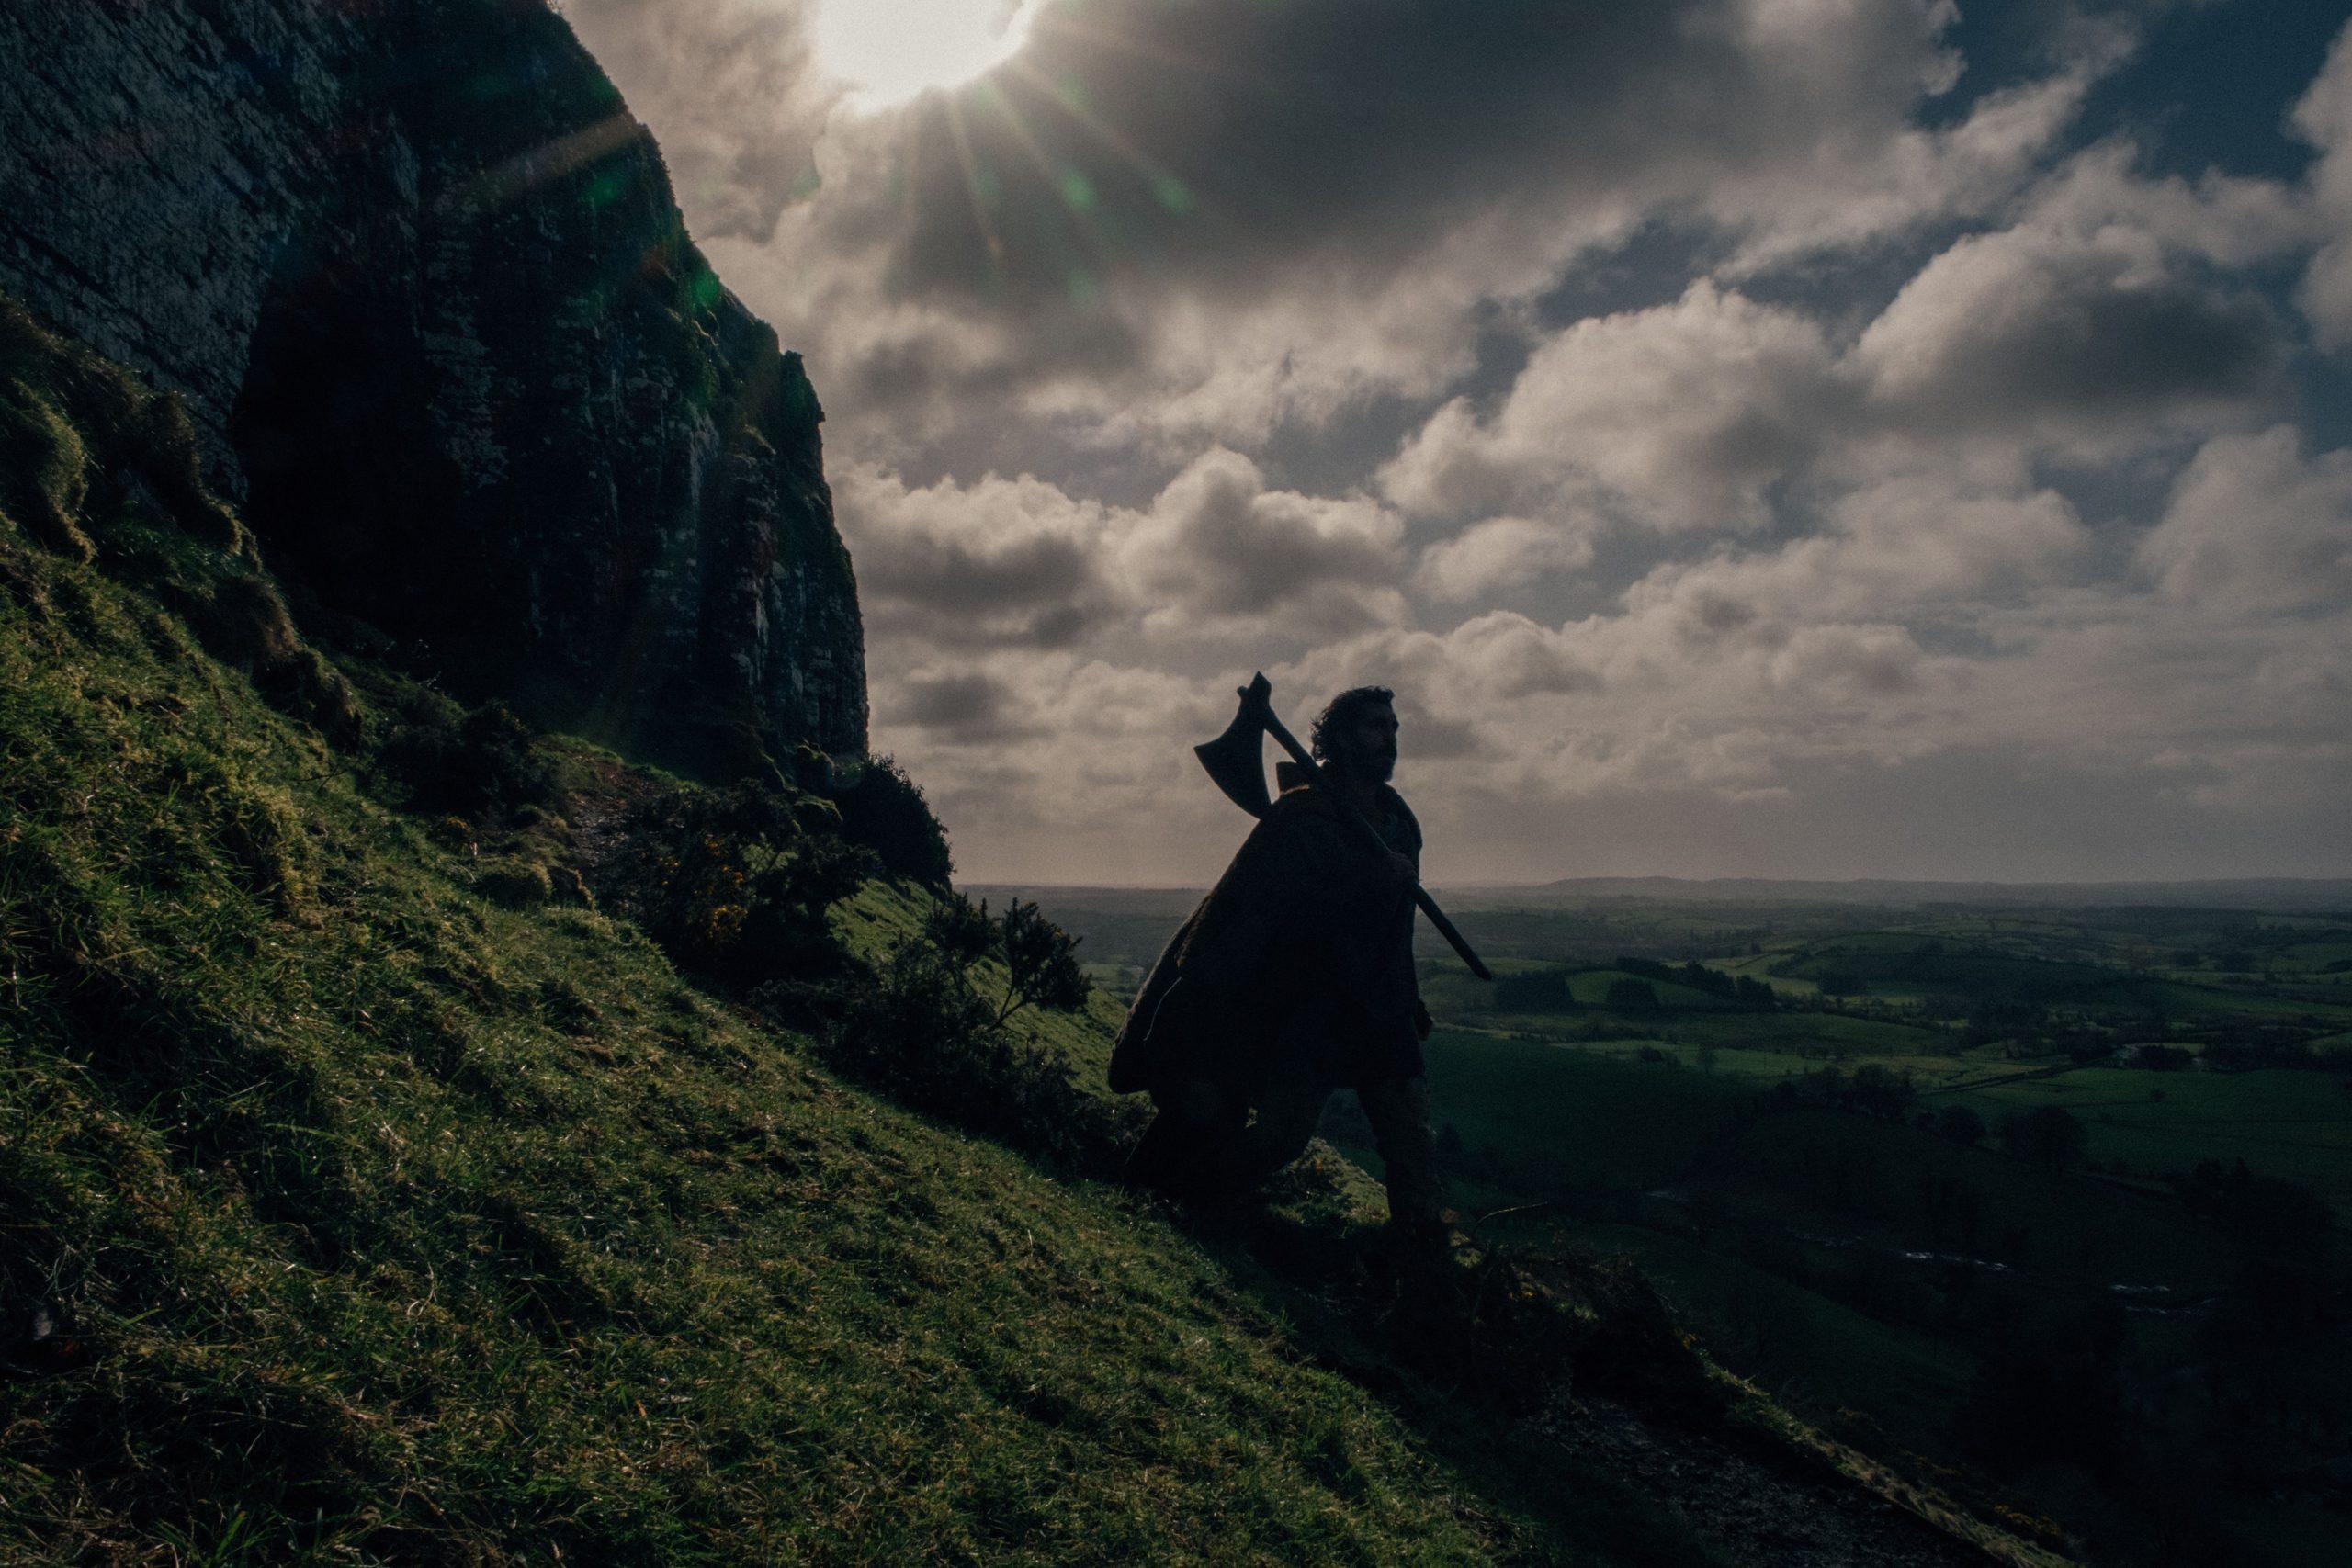 Cena do filme A Lenda do Cavaleiro Verde. Gawain (Dev Patel) caminhando pela encosta de uma montanha. Gawain é indiano, mas vemos apenas sua silhueta sombreada, com o brilho do Sol no alto em algum ponto à esquerda dele. Vemos que ele tem cabelos um pouco longos, usa um tipo de capa e carrega um grande machado apoiado no ombro direito, com a lâmina virada para o chão. Ele caminha da esquerda para a direita, com a montanha às suas costas e uma vasta planície verdejante no fundo da cena. Ele caminha em cima da grama e o céu acima de si é ensolarado com diversas nuvens.